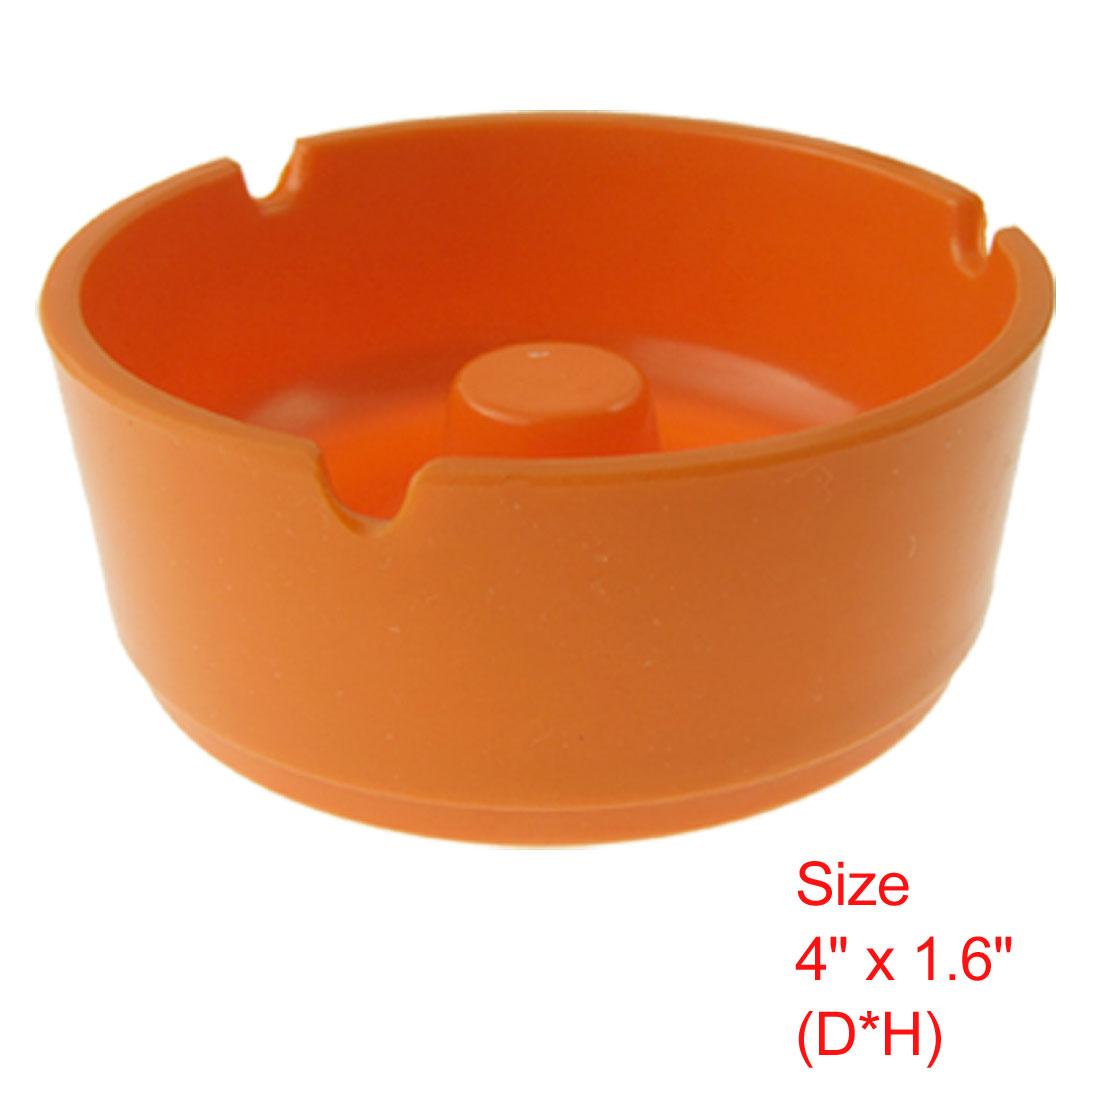 Plastic Round Home Office Cigarette Ashtray Ash Tray Orange